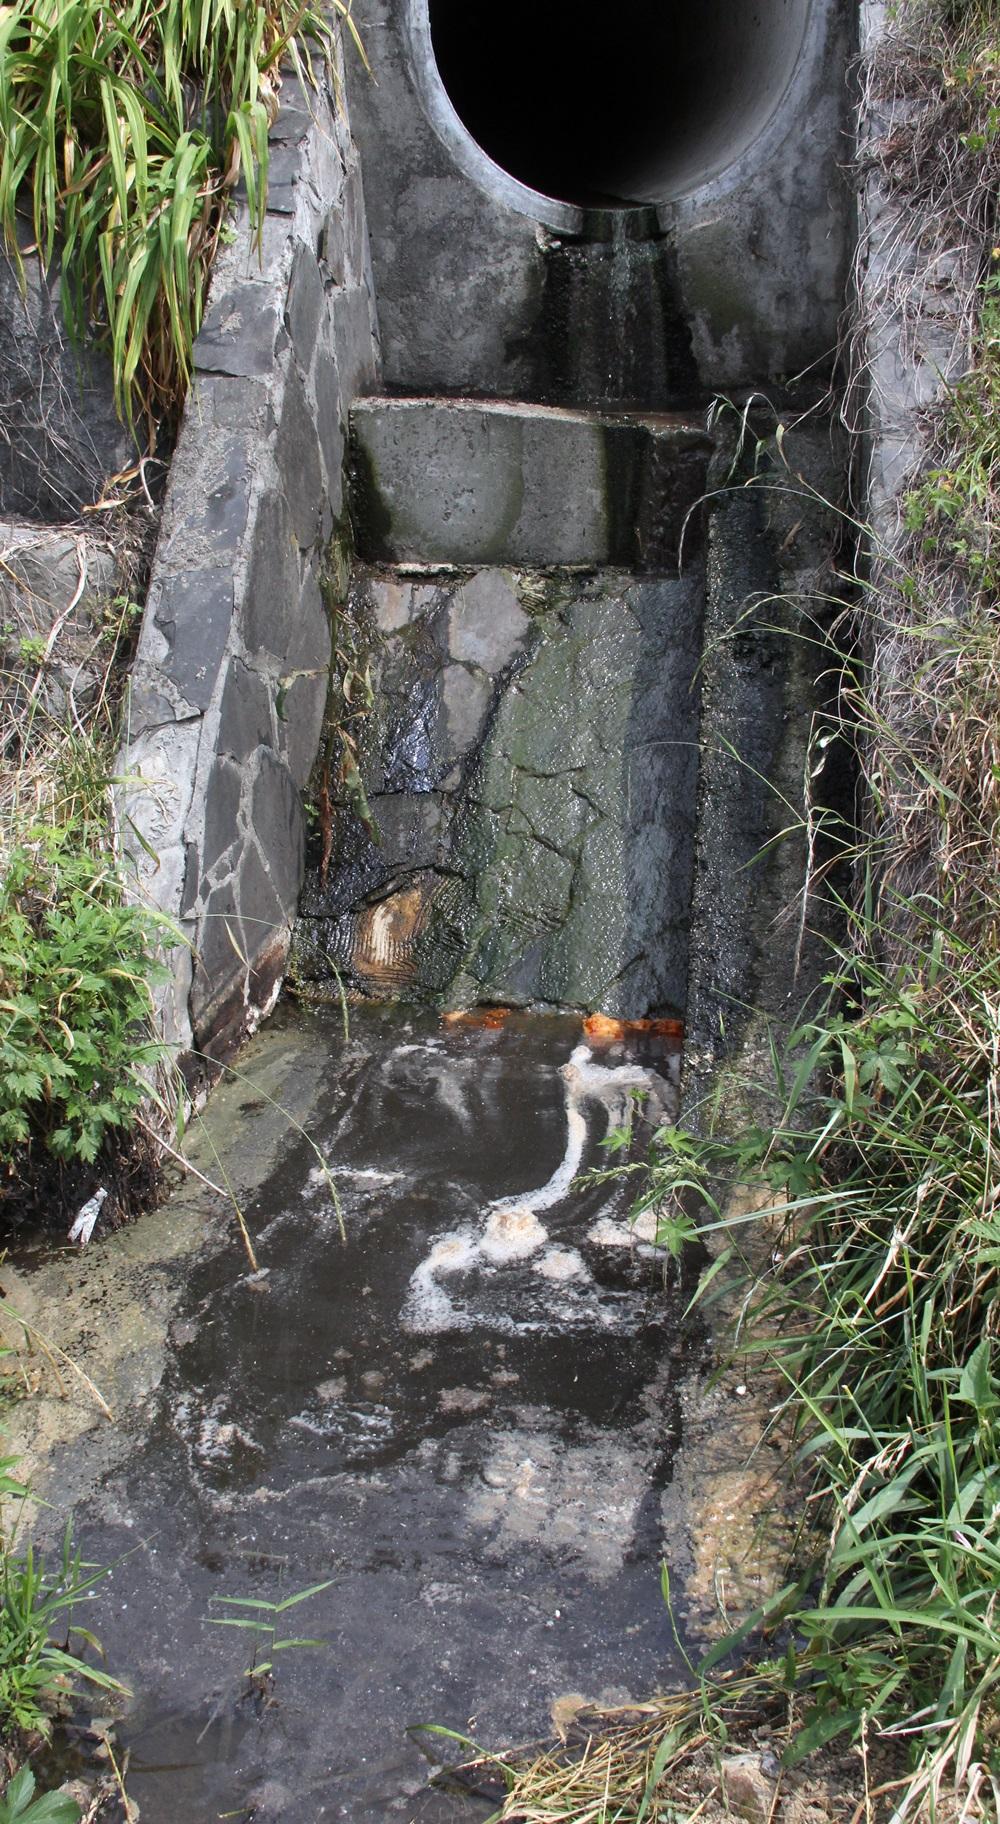 인근 주택가와 상가에서 하천으로 유입되는 우수관에서도 역한 냄새를 풍기고 있다.